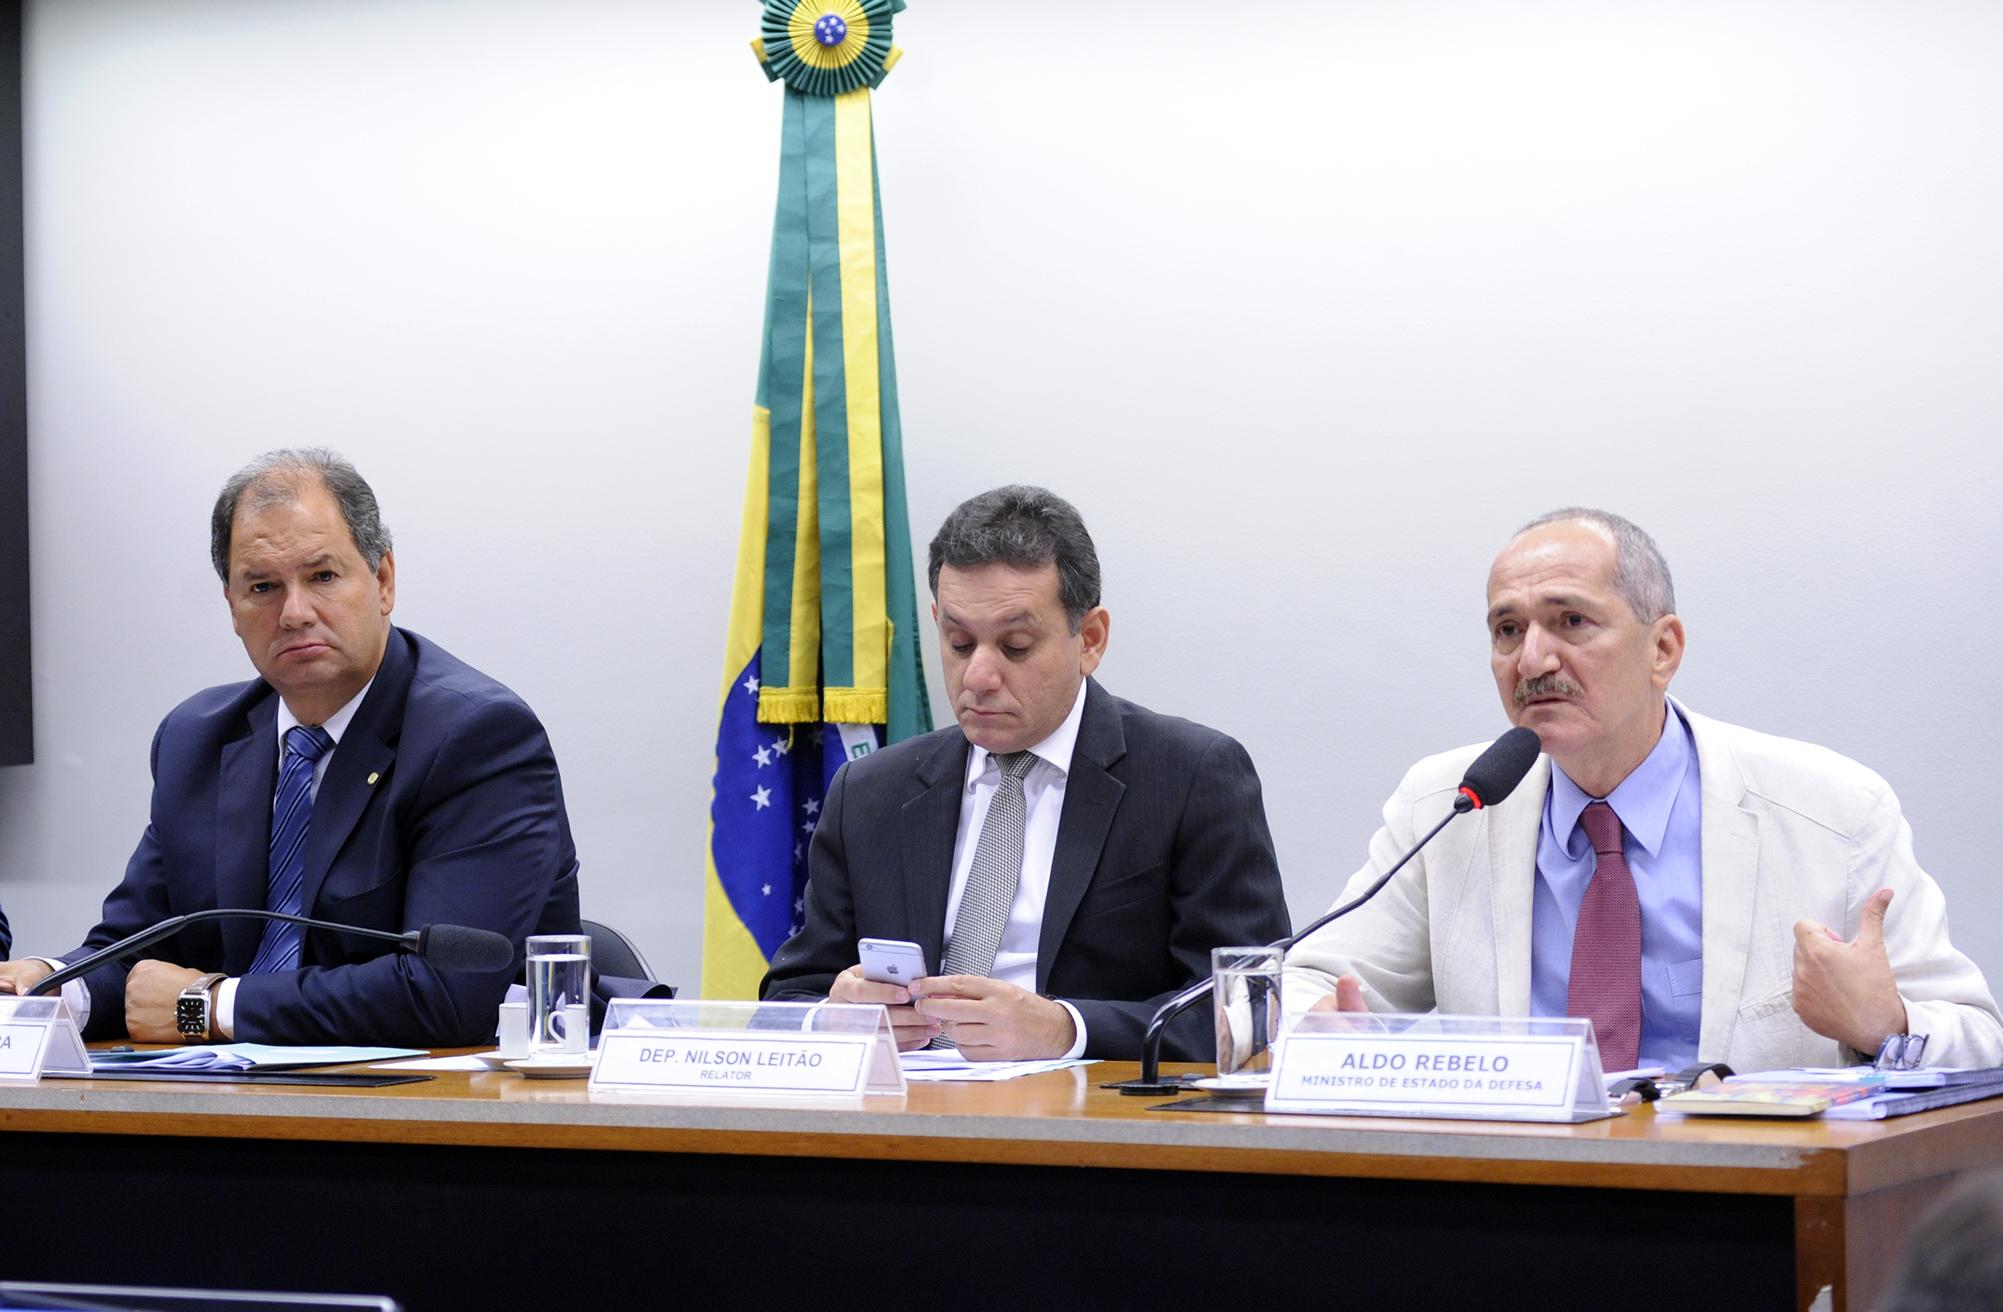 Audiência pública sobre atuação das Forças Armadas em áreas indígenas e em zonas de conflito agrário, como no Pará e na Bahia